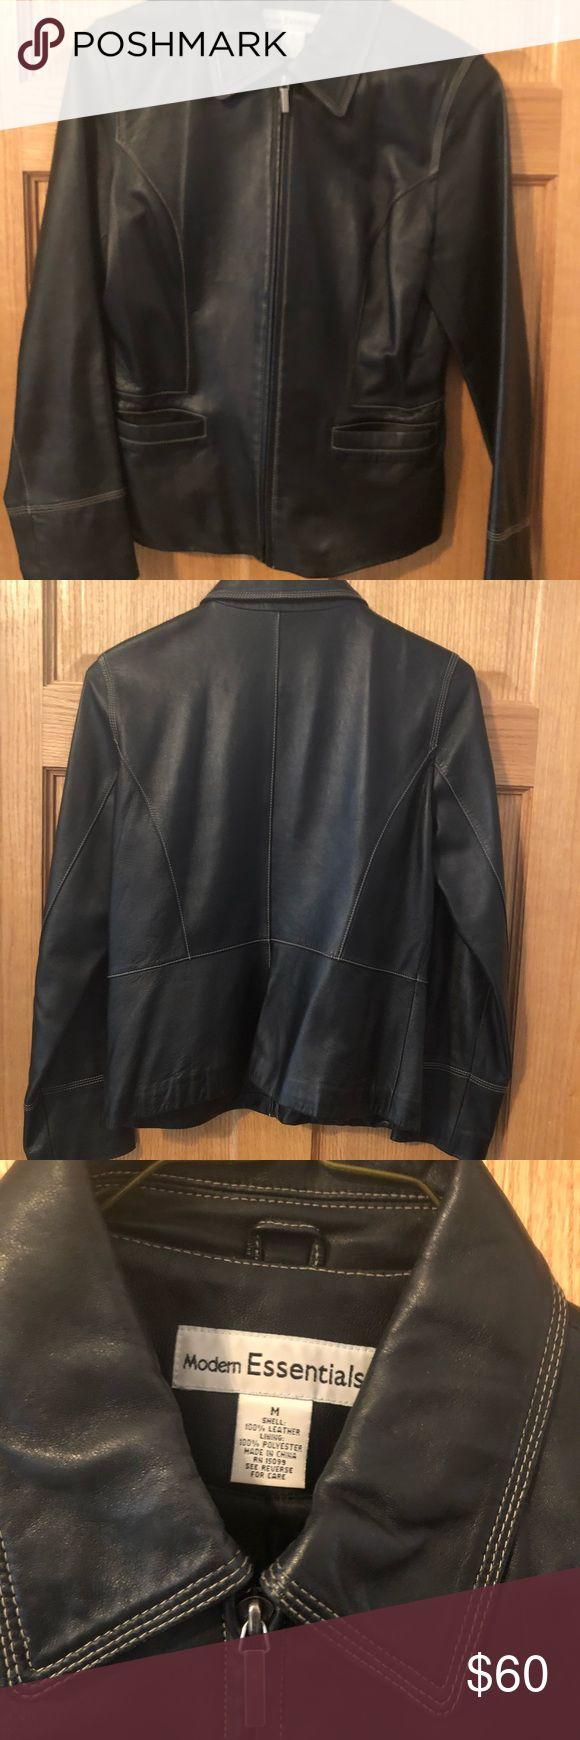 Ladies Black Leather Jacket Soft 100% Leather, White stitching, pockets. Jackets & Coats